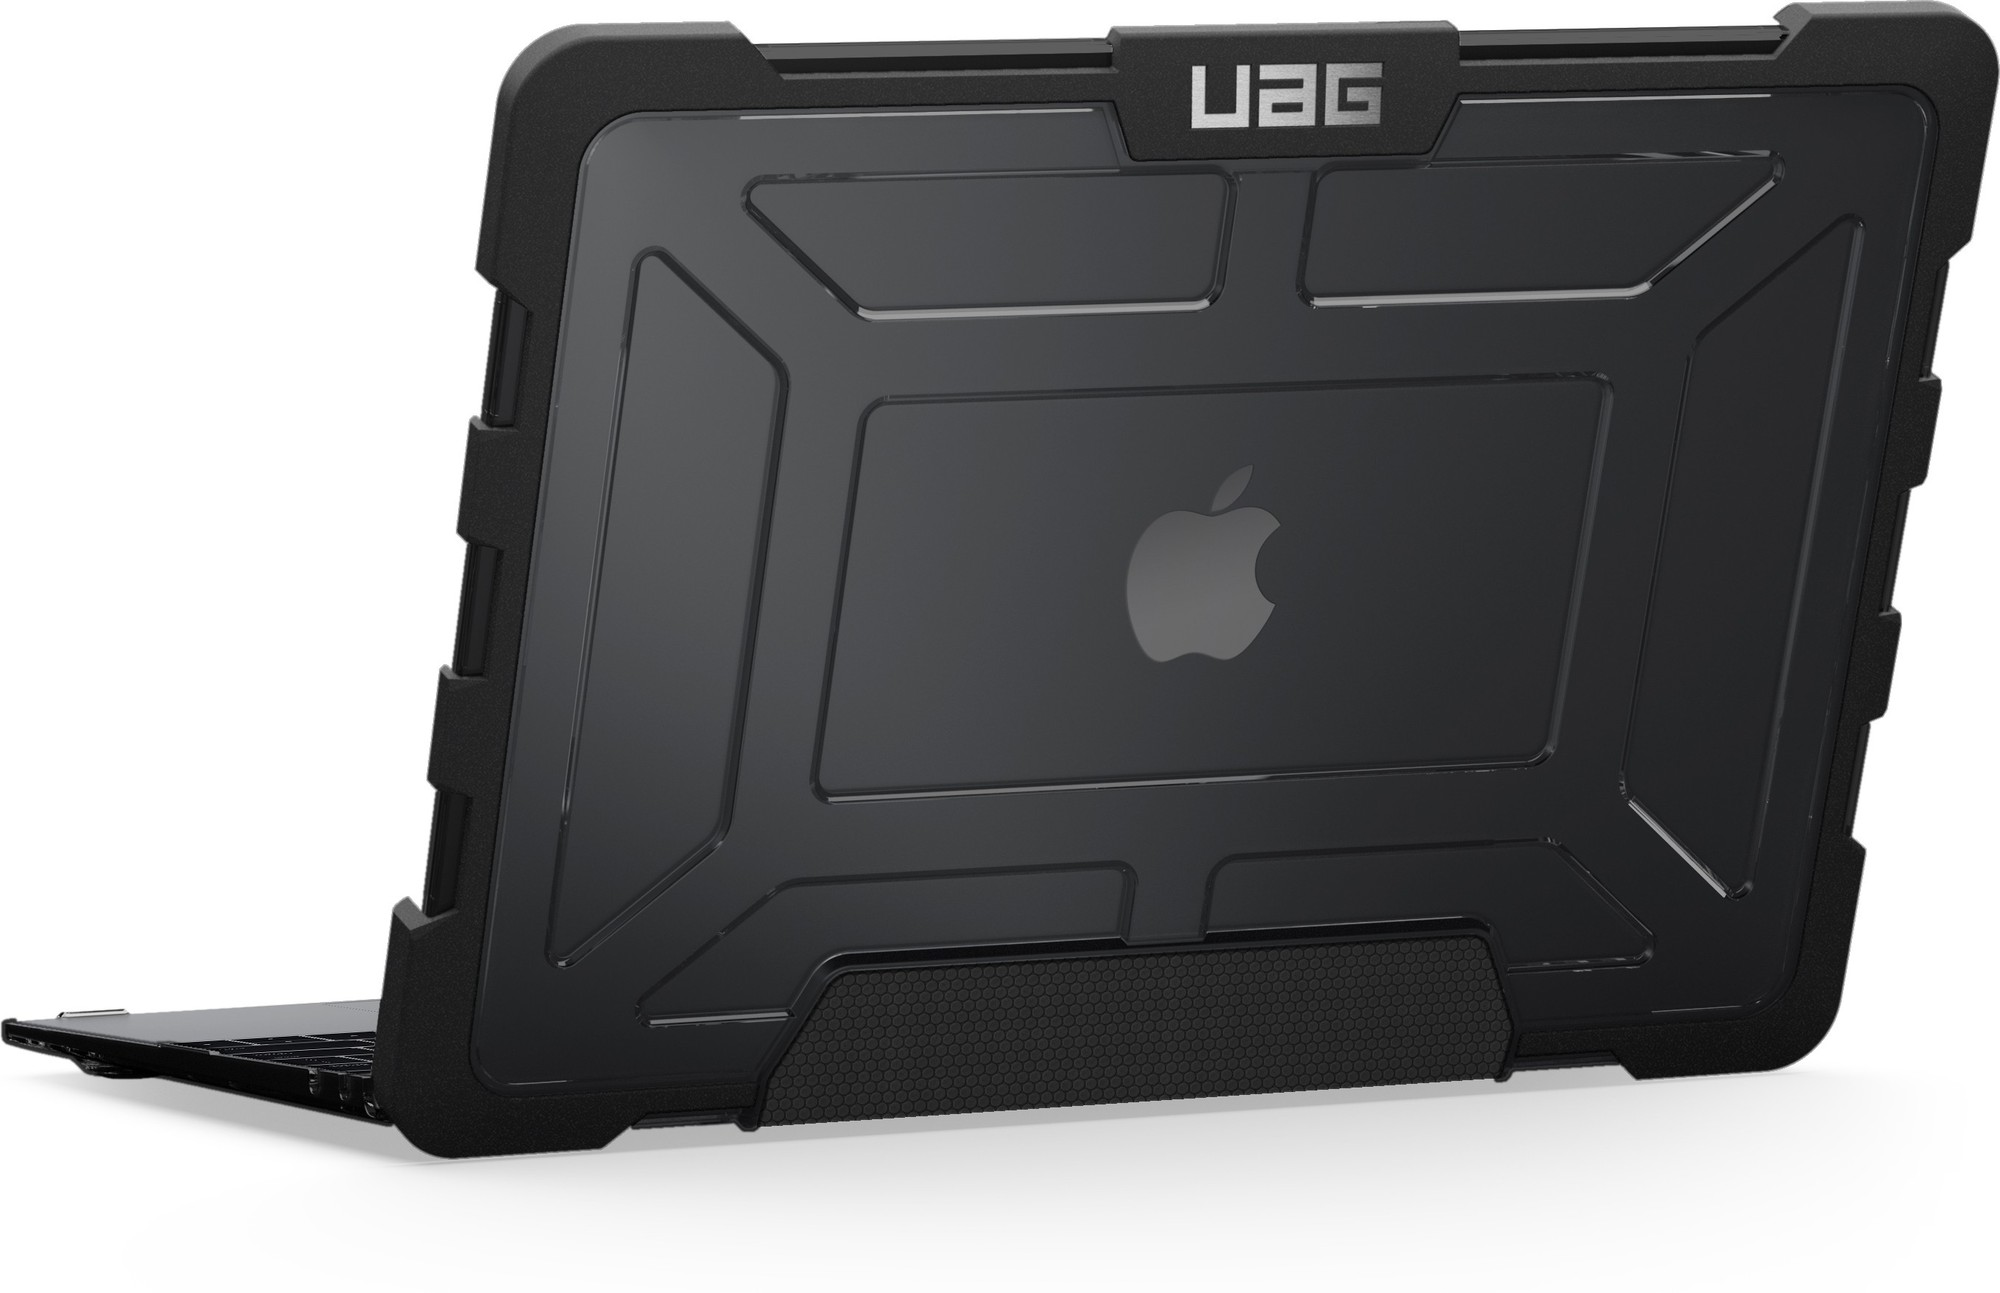 MacBook 12 inch Ash